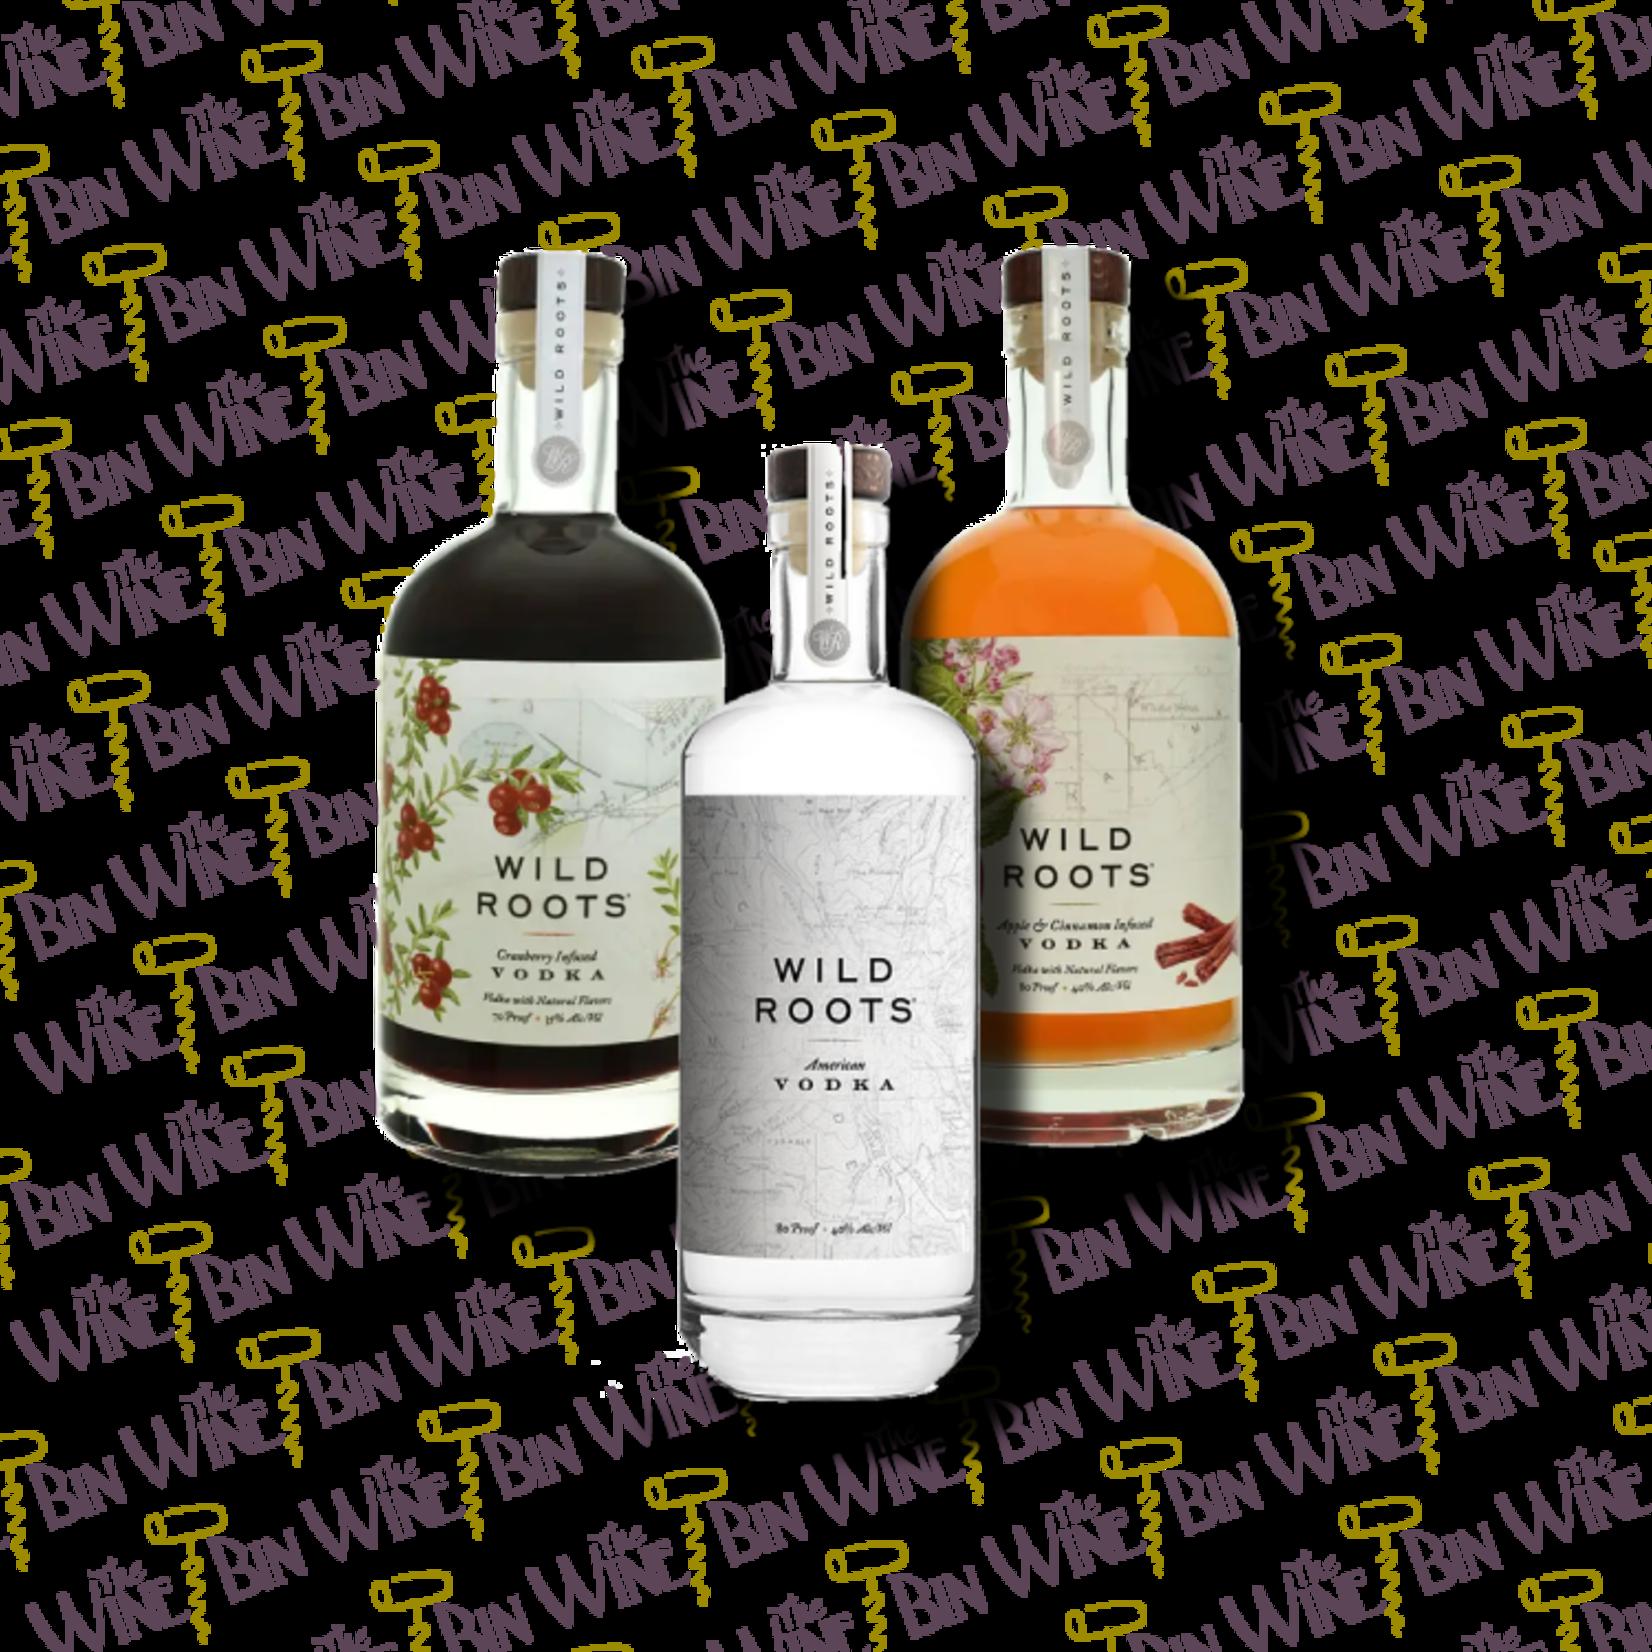 Wild Roots Wild Roots Vodka .750L  Bottle